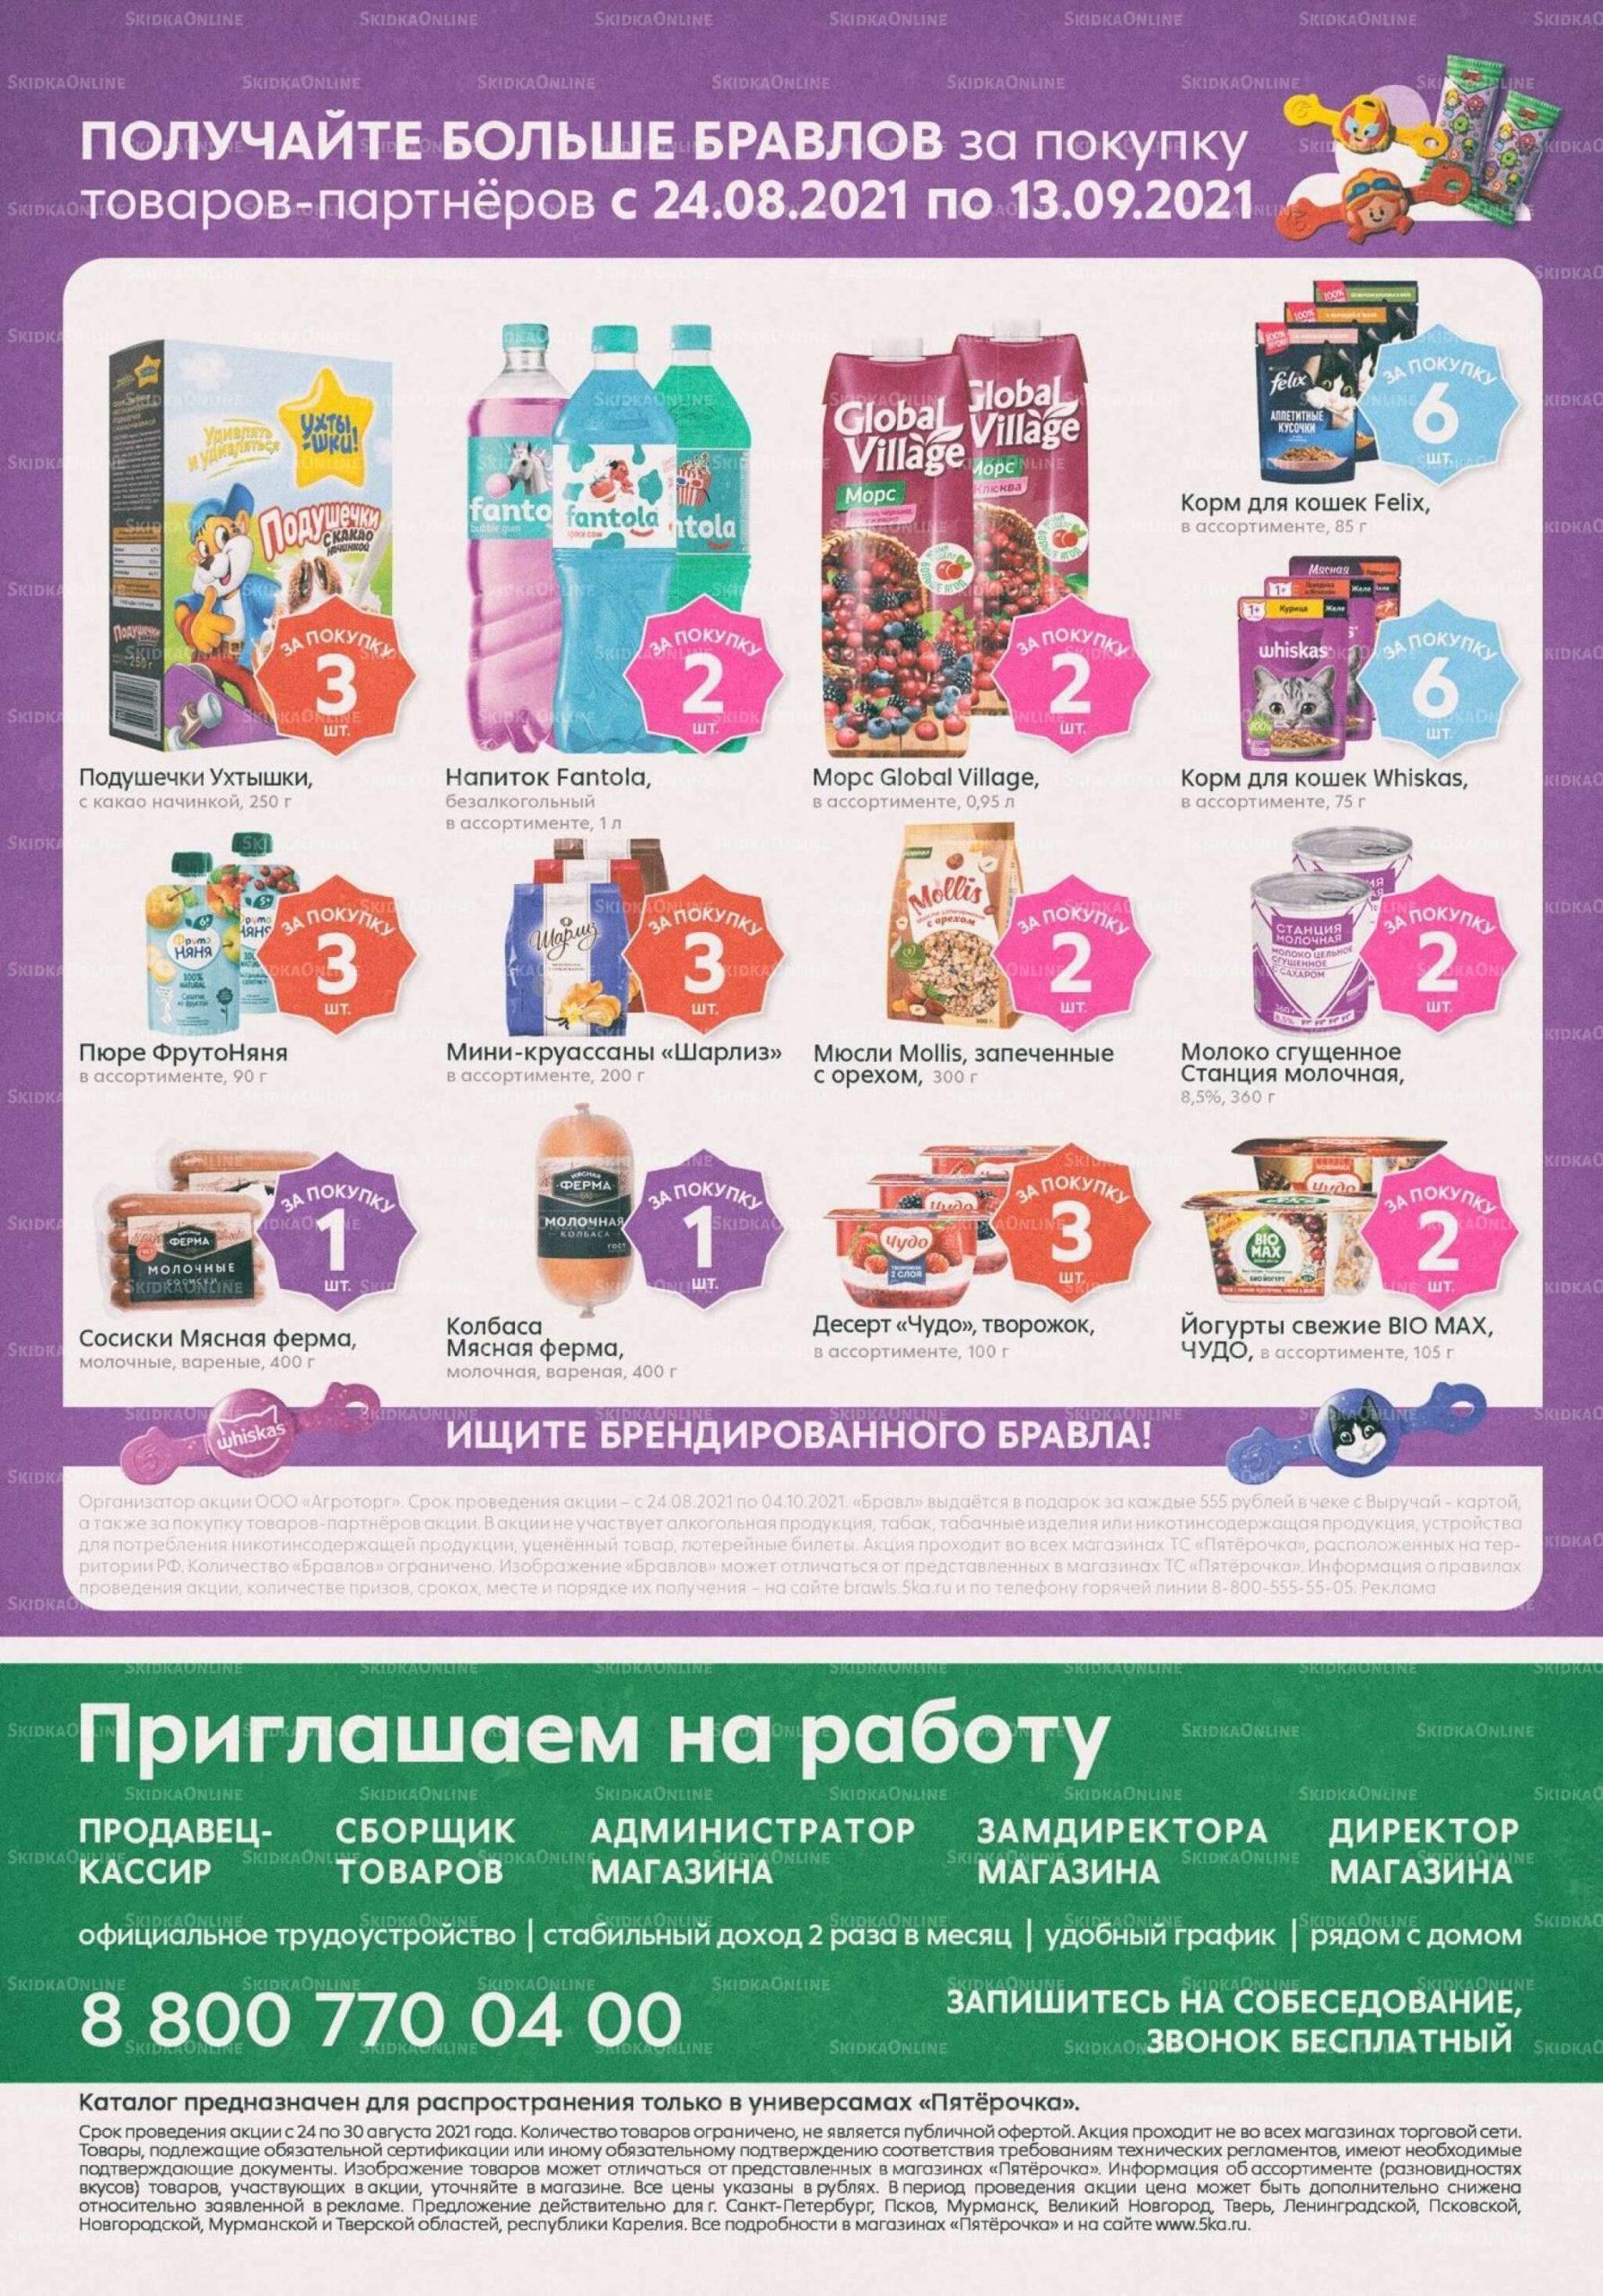 Акции в Пятёрочке с 24 по 30 августа 2021 года